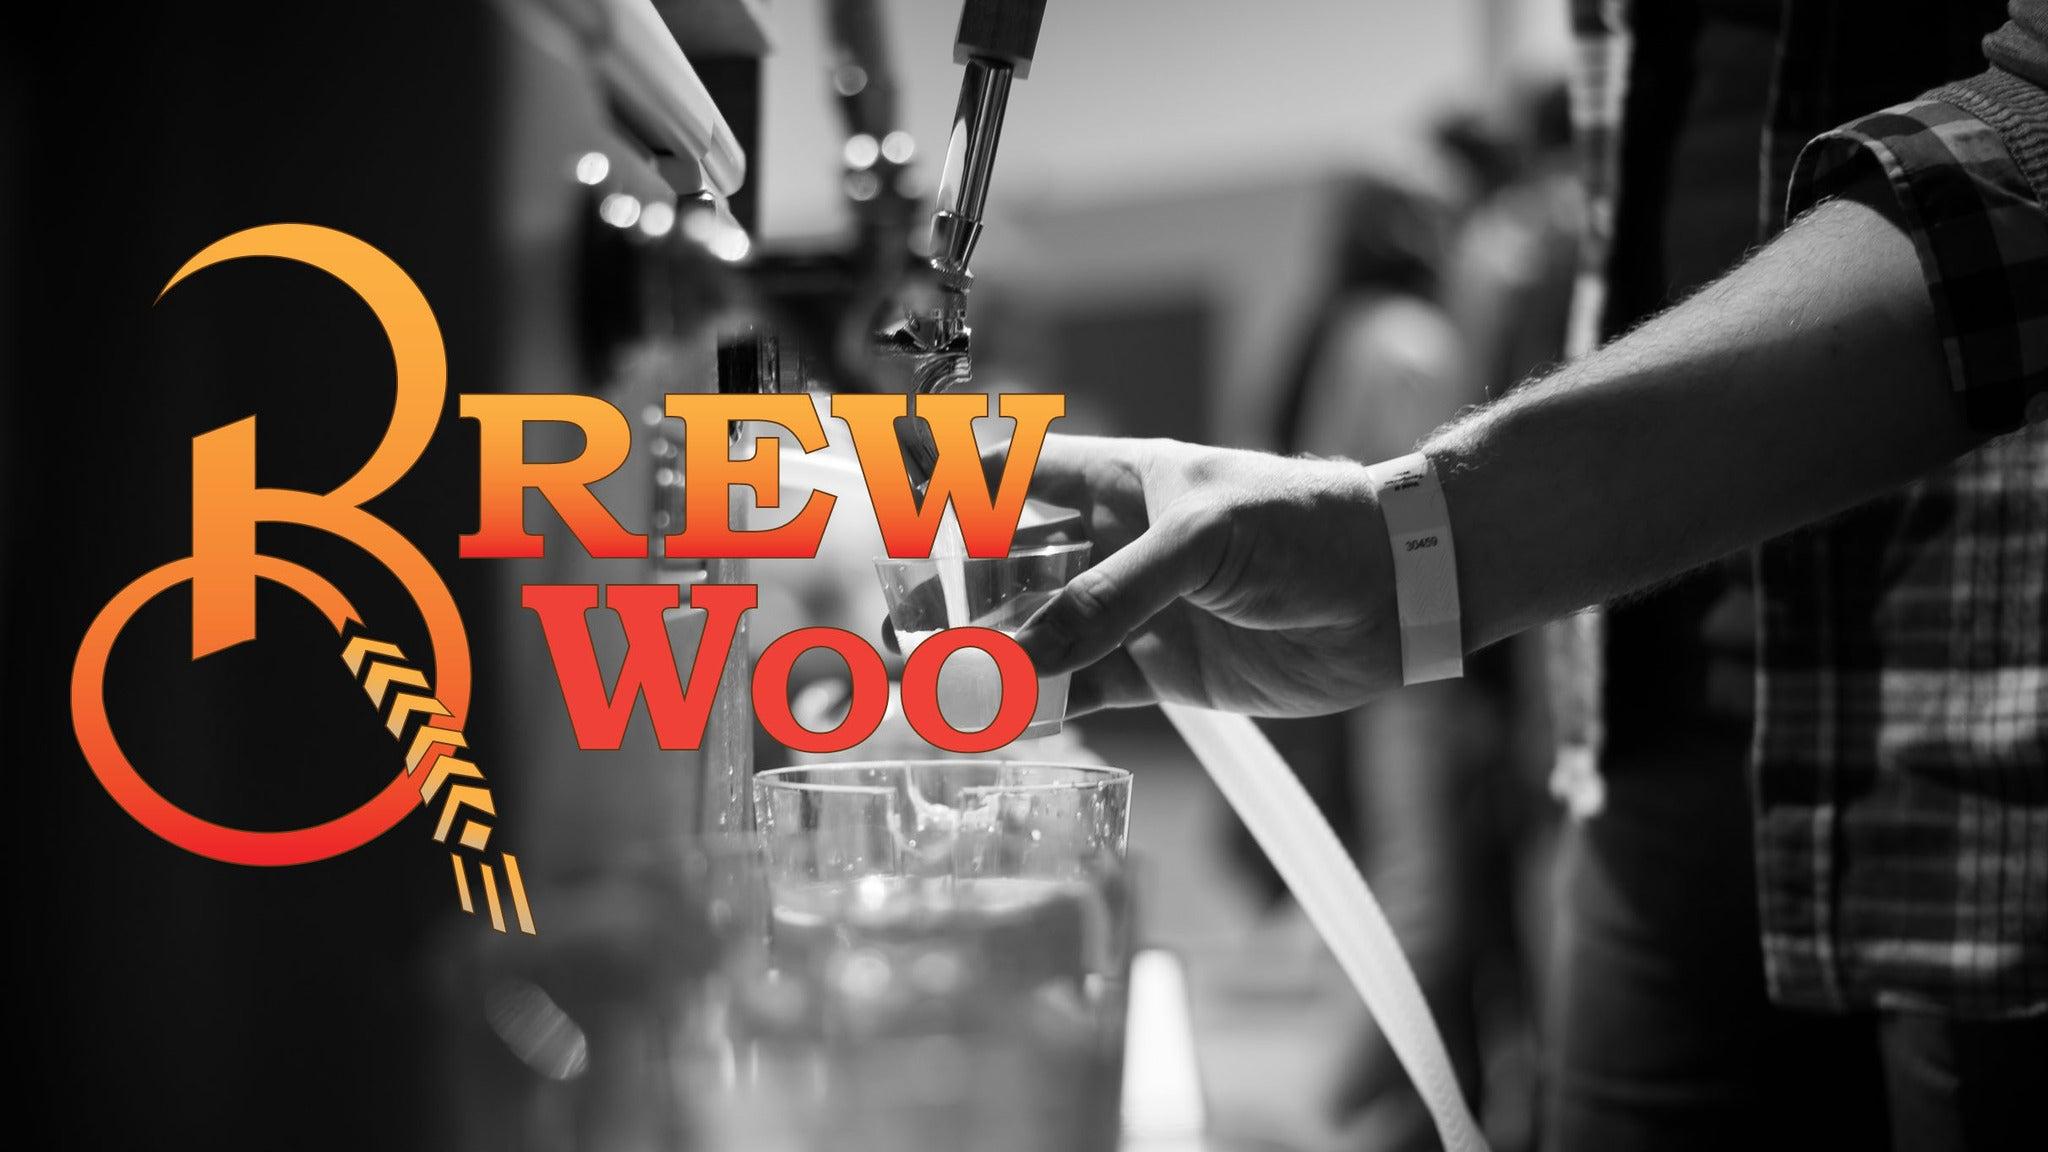 Brew-Woo